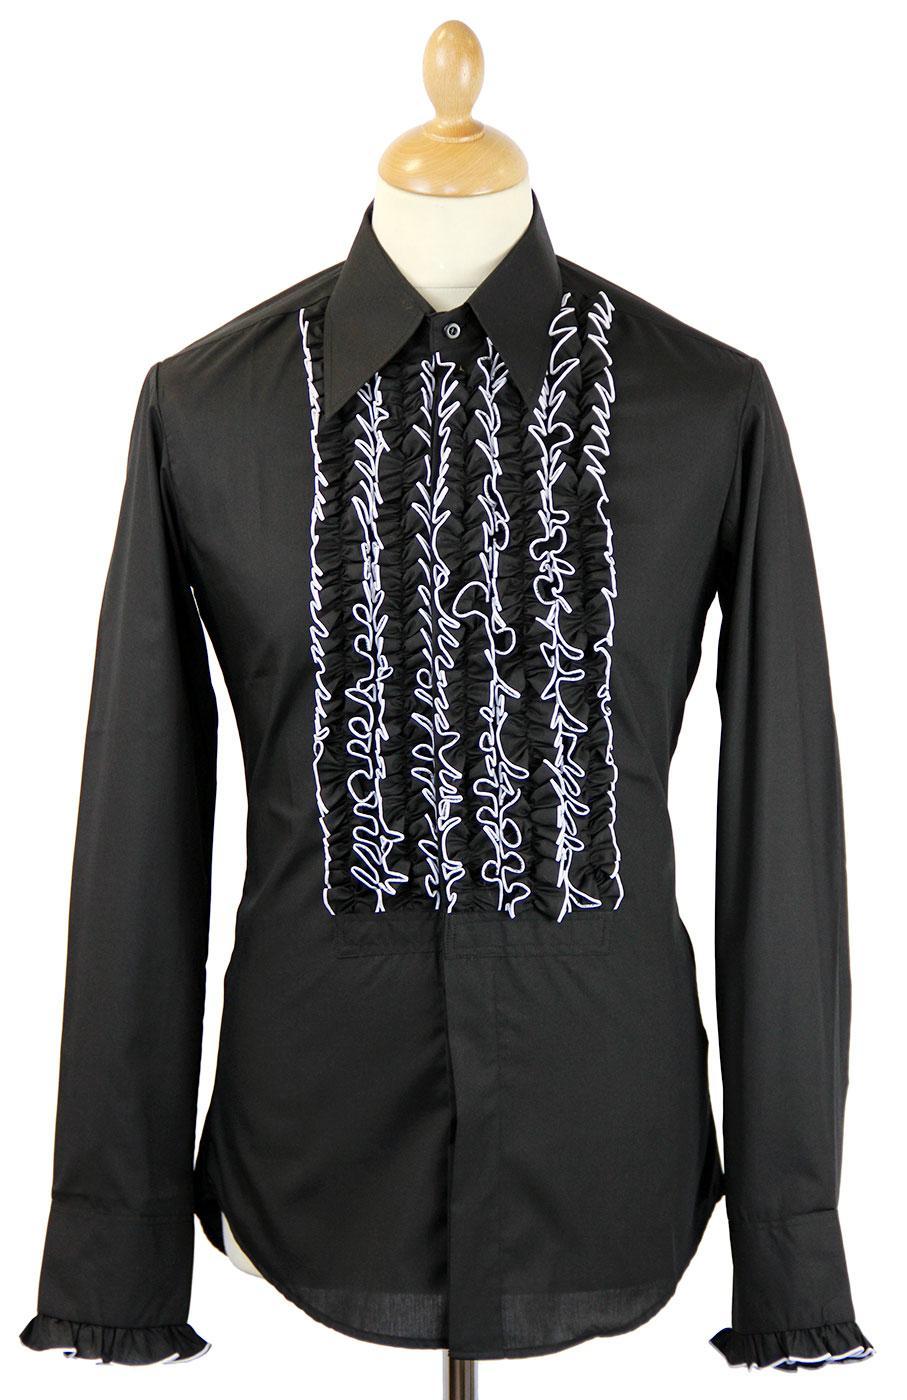 CHENASKI Ruche Frill Retro 70s Tuxedo Shirt (B)